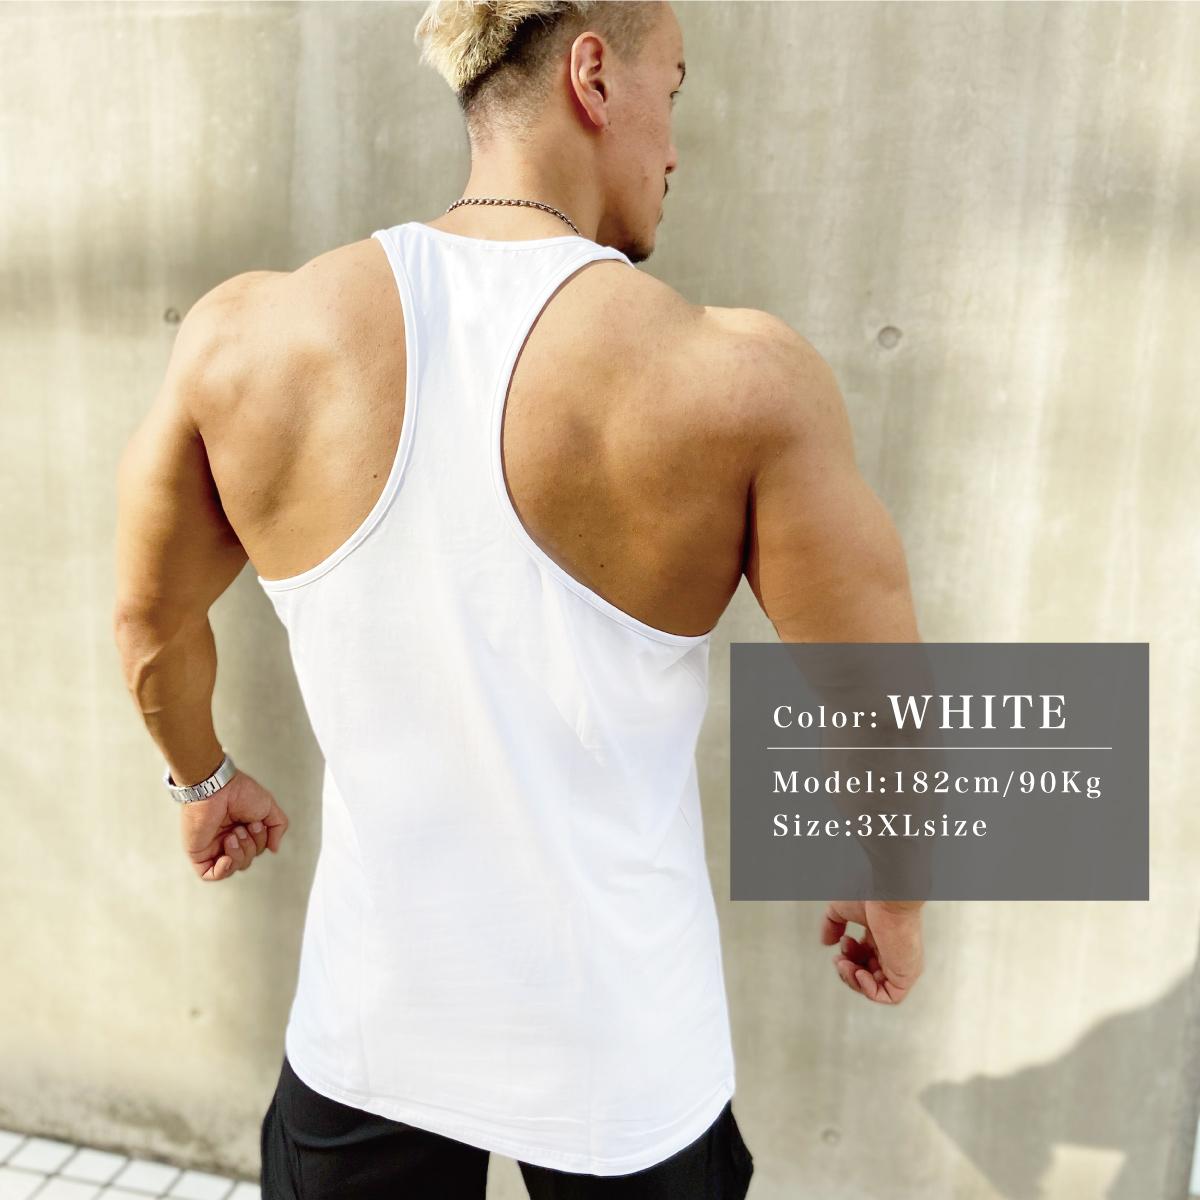 CORE TANK TOP - WHITE